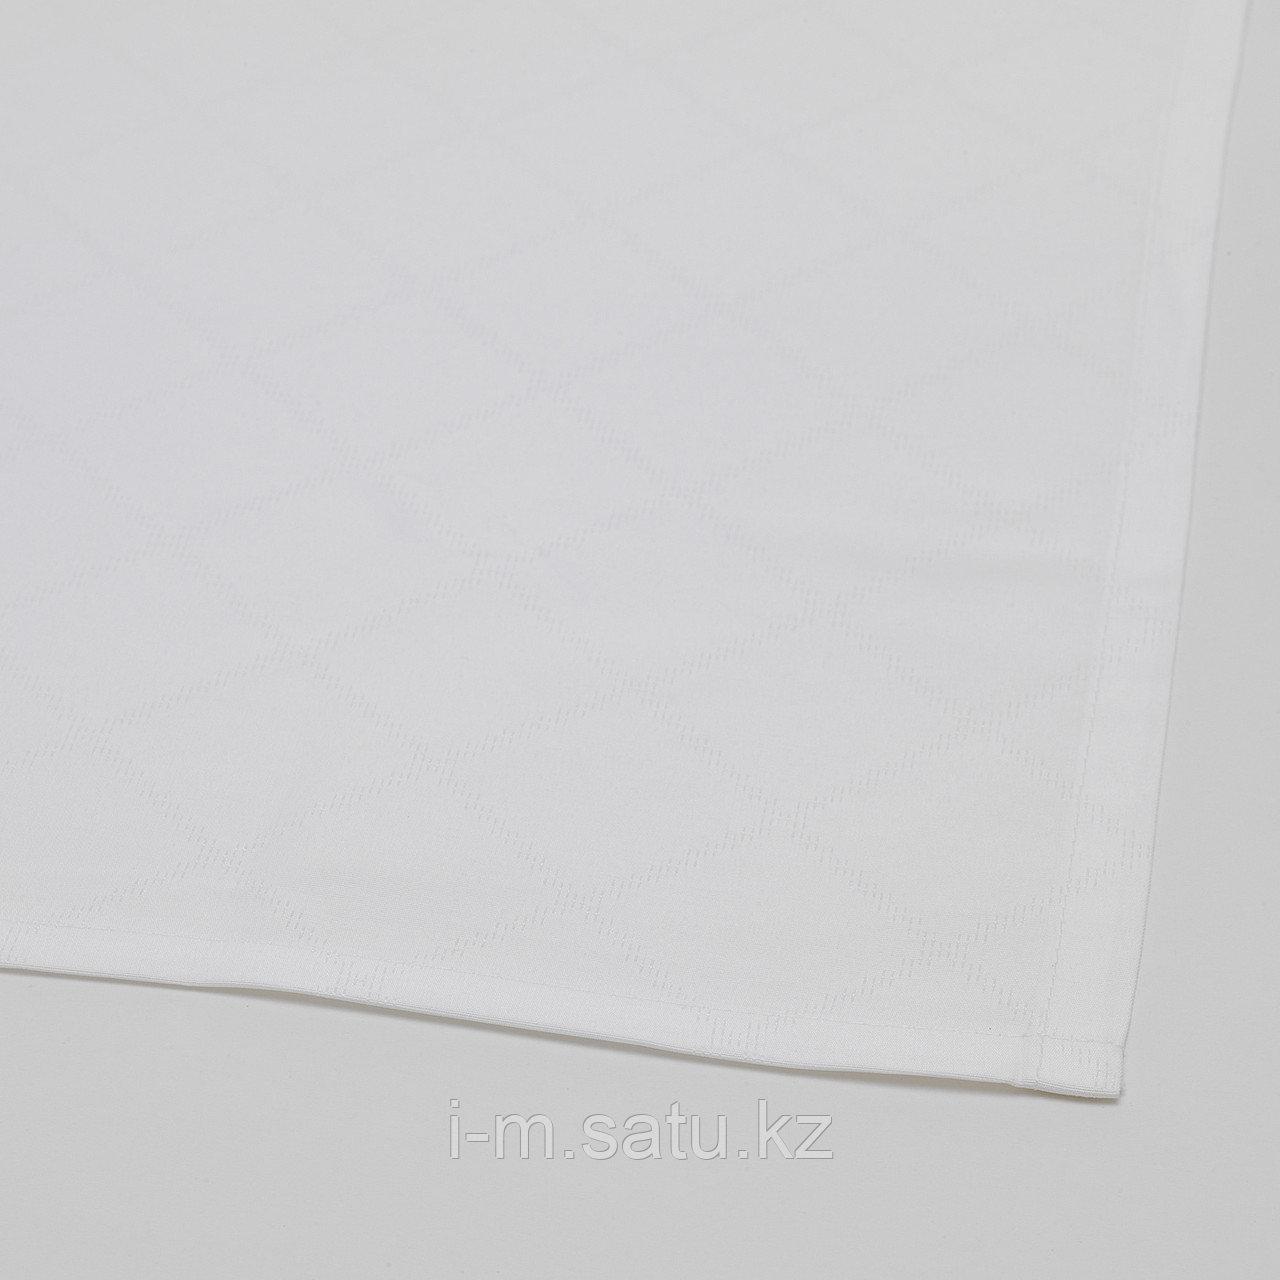 ФУЛЛКОМЛИГ Скатерть, белый, 145x240 см